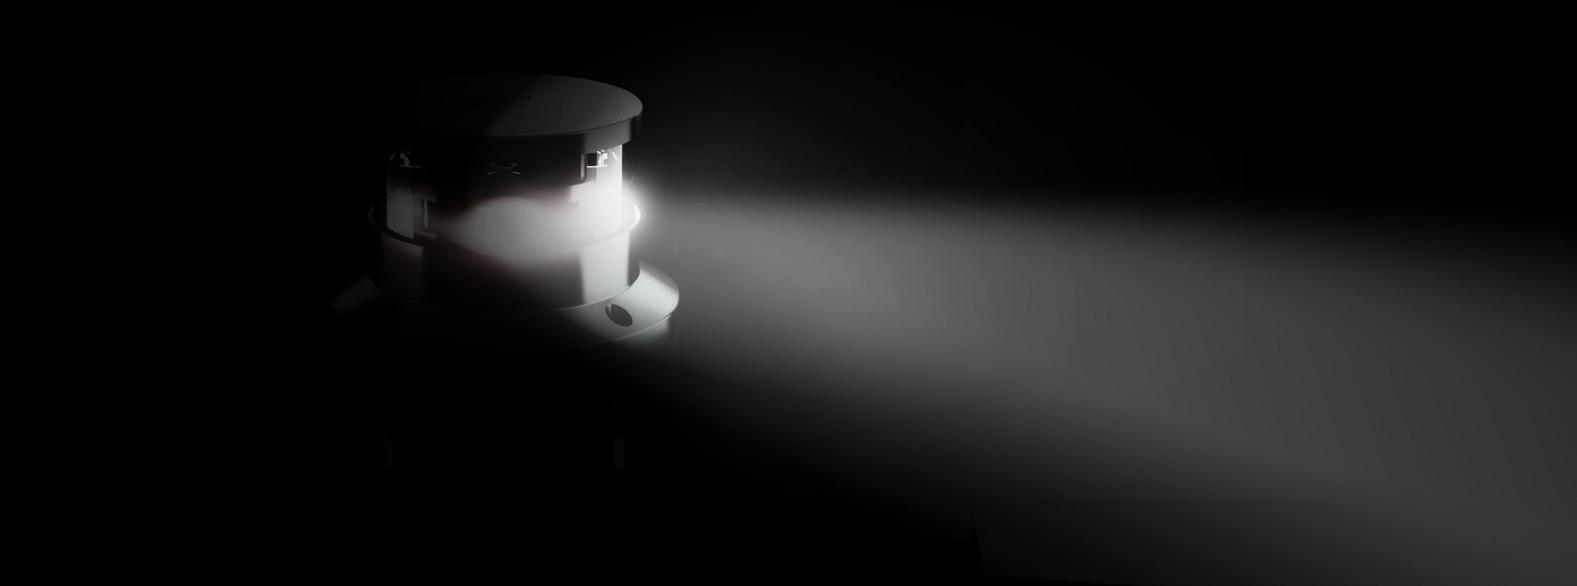 Led Navigation Light